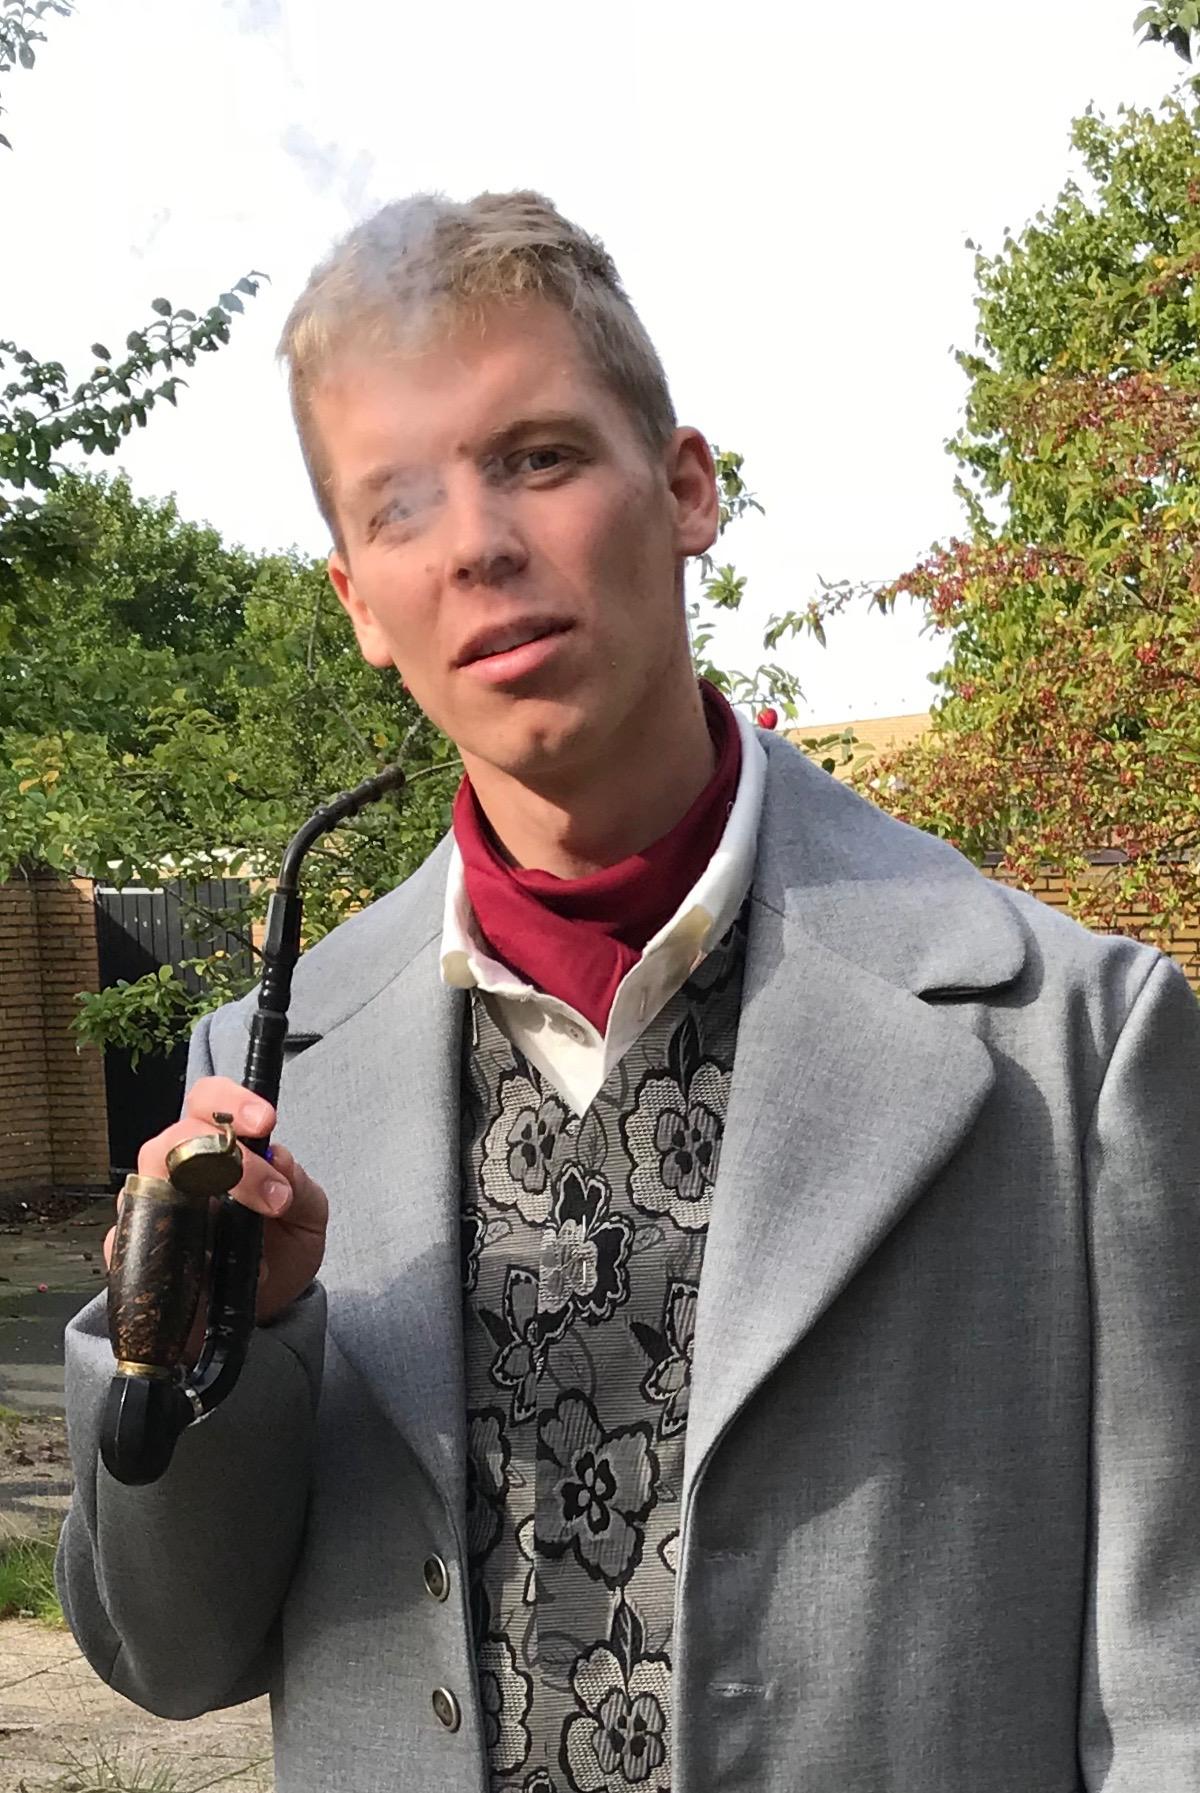 Daniel studerer på konservatoriet i Aarhus og bliver næste sommer færdig som klassisk sanger. Foto: Per Rasmussen.